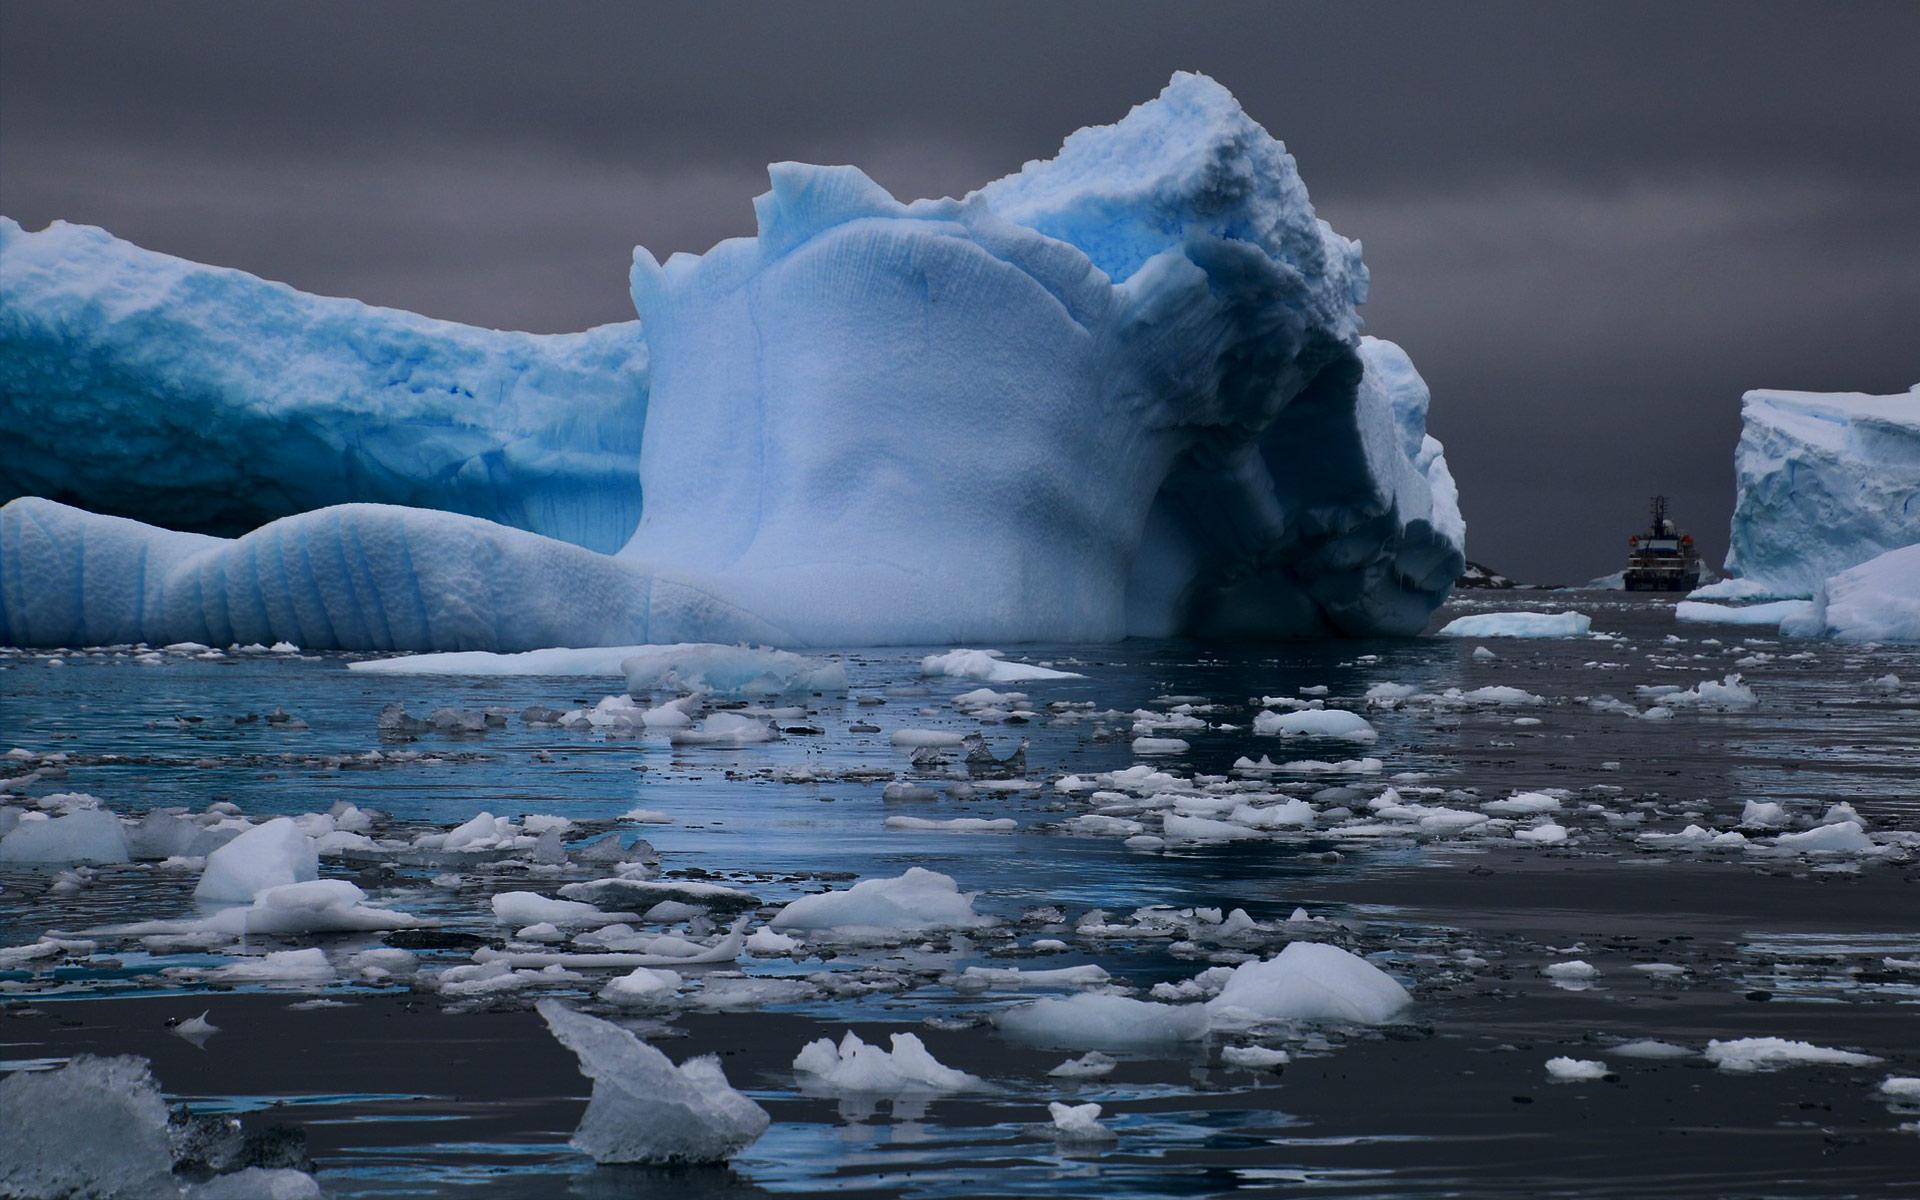 【シリーズ・都市伝説】全長数十メートル「南極のニンゲン」